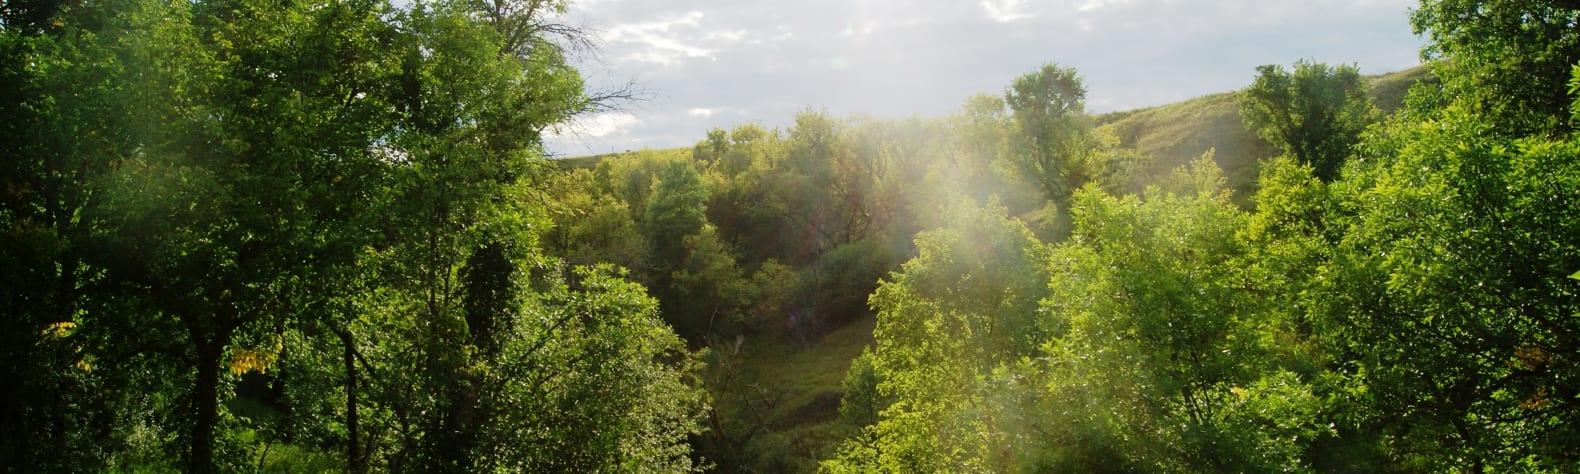 Pierson Ranch Recreation Area